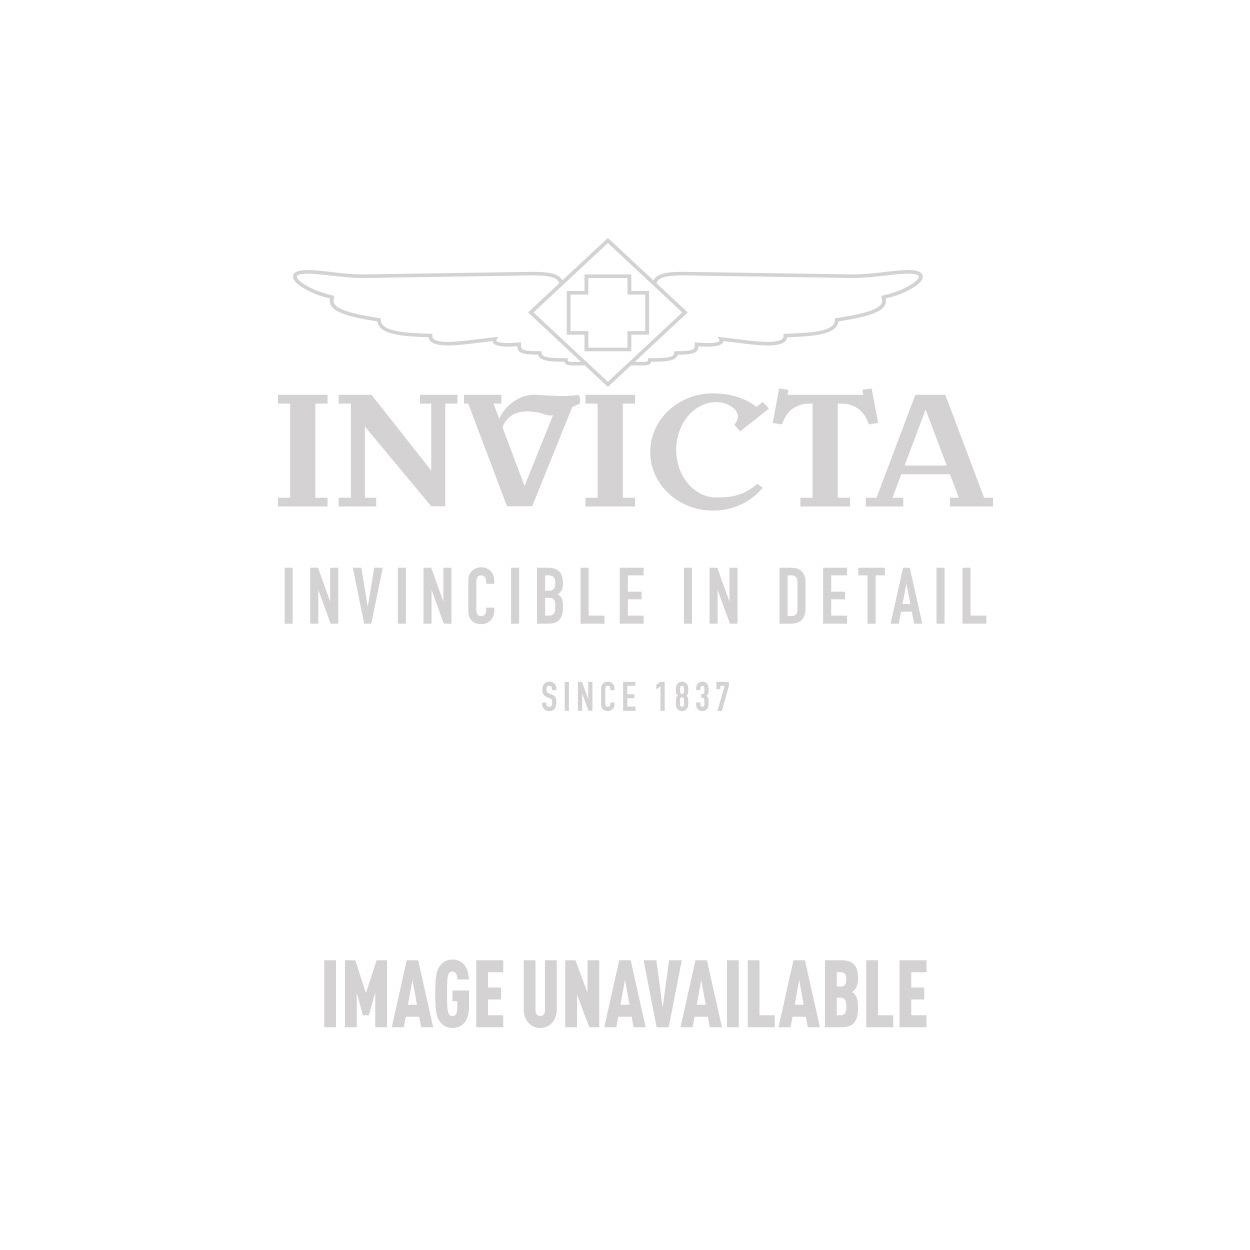 Invicta Model 25499